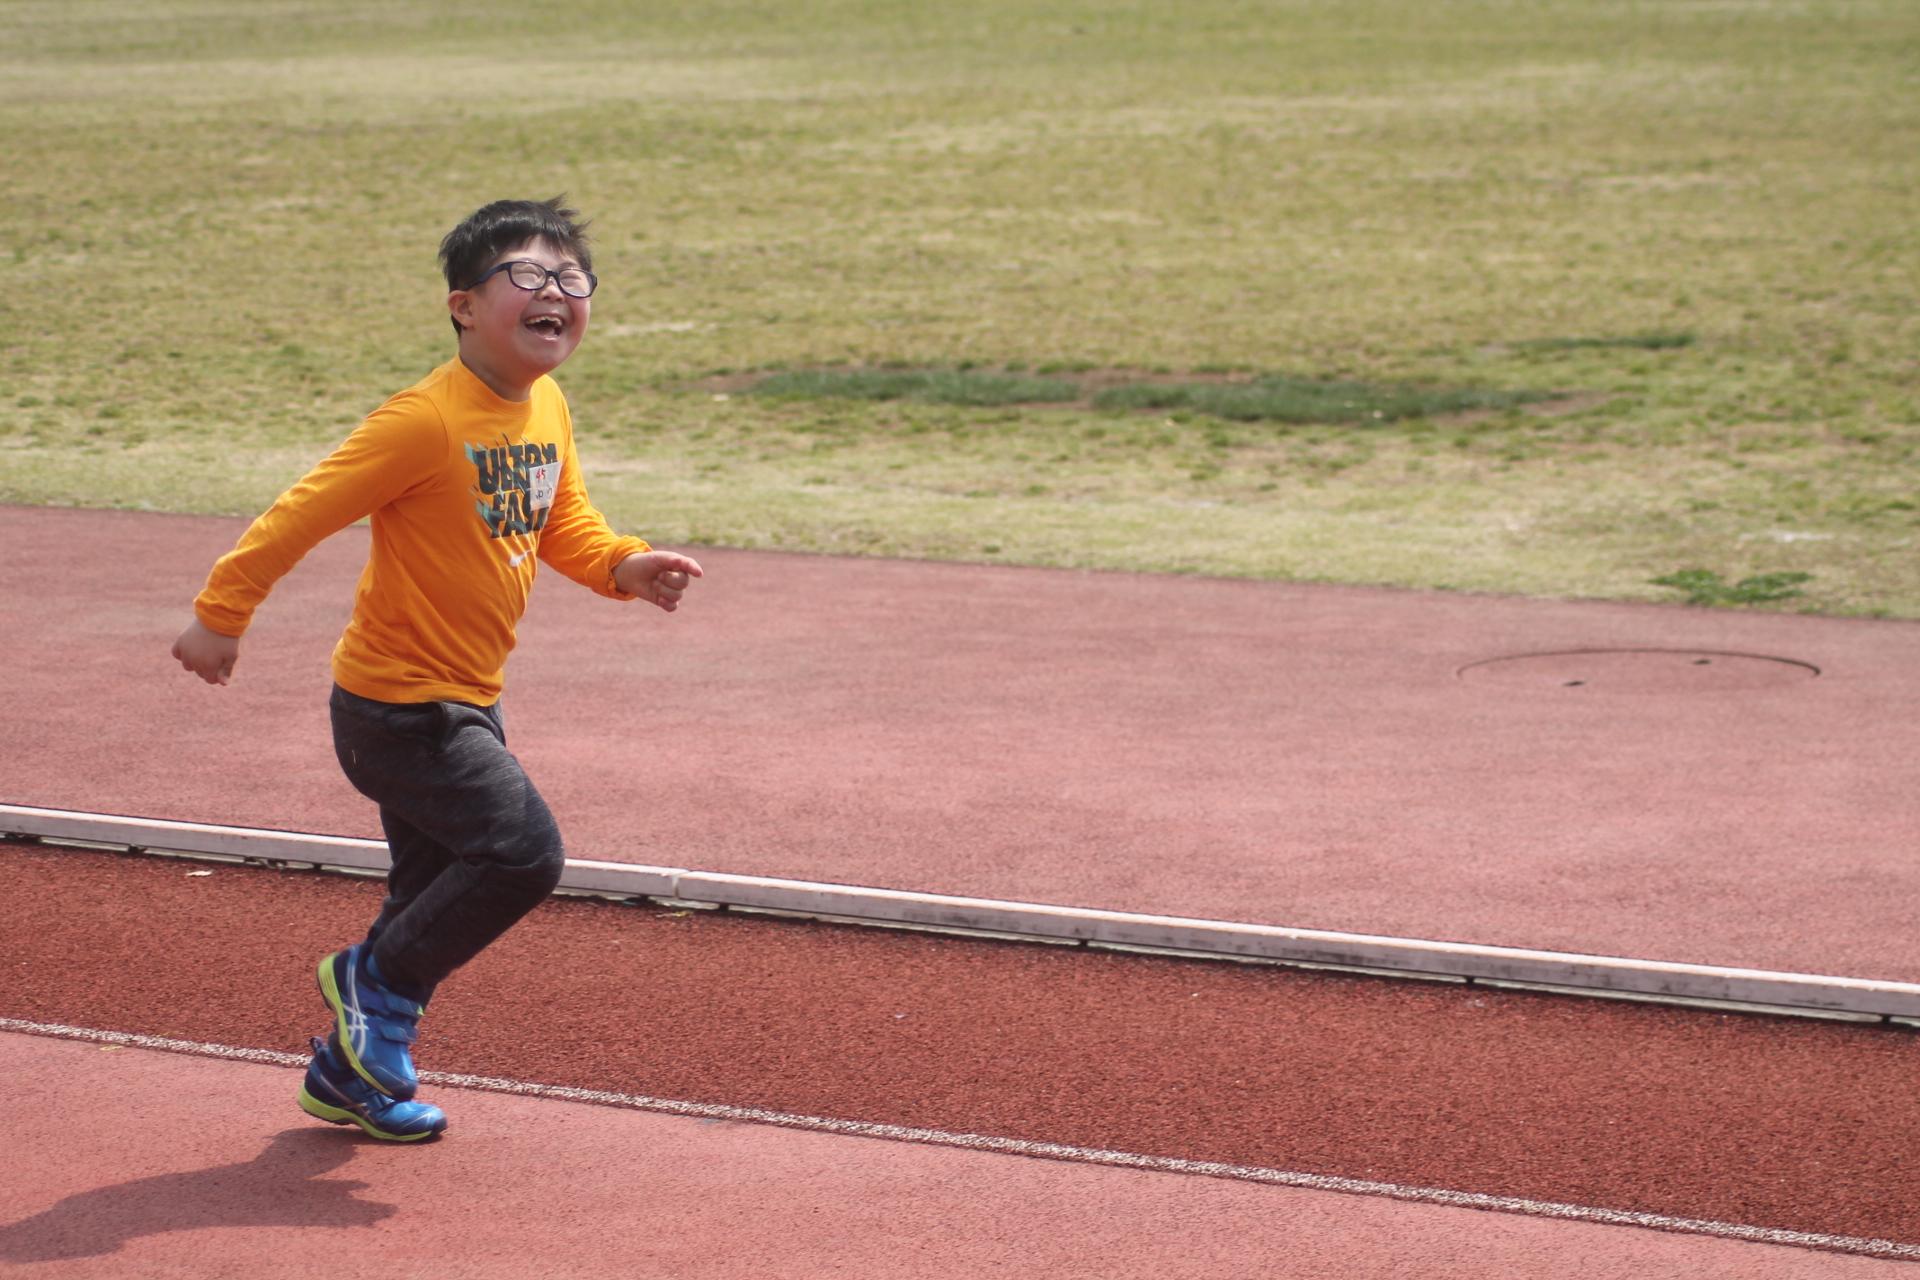 全ての選手のデモンストレーションが終わり、誰もいない陸上競技場を思うがままに走っていたと子ども